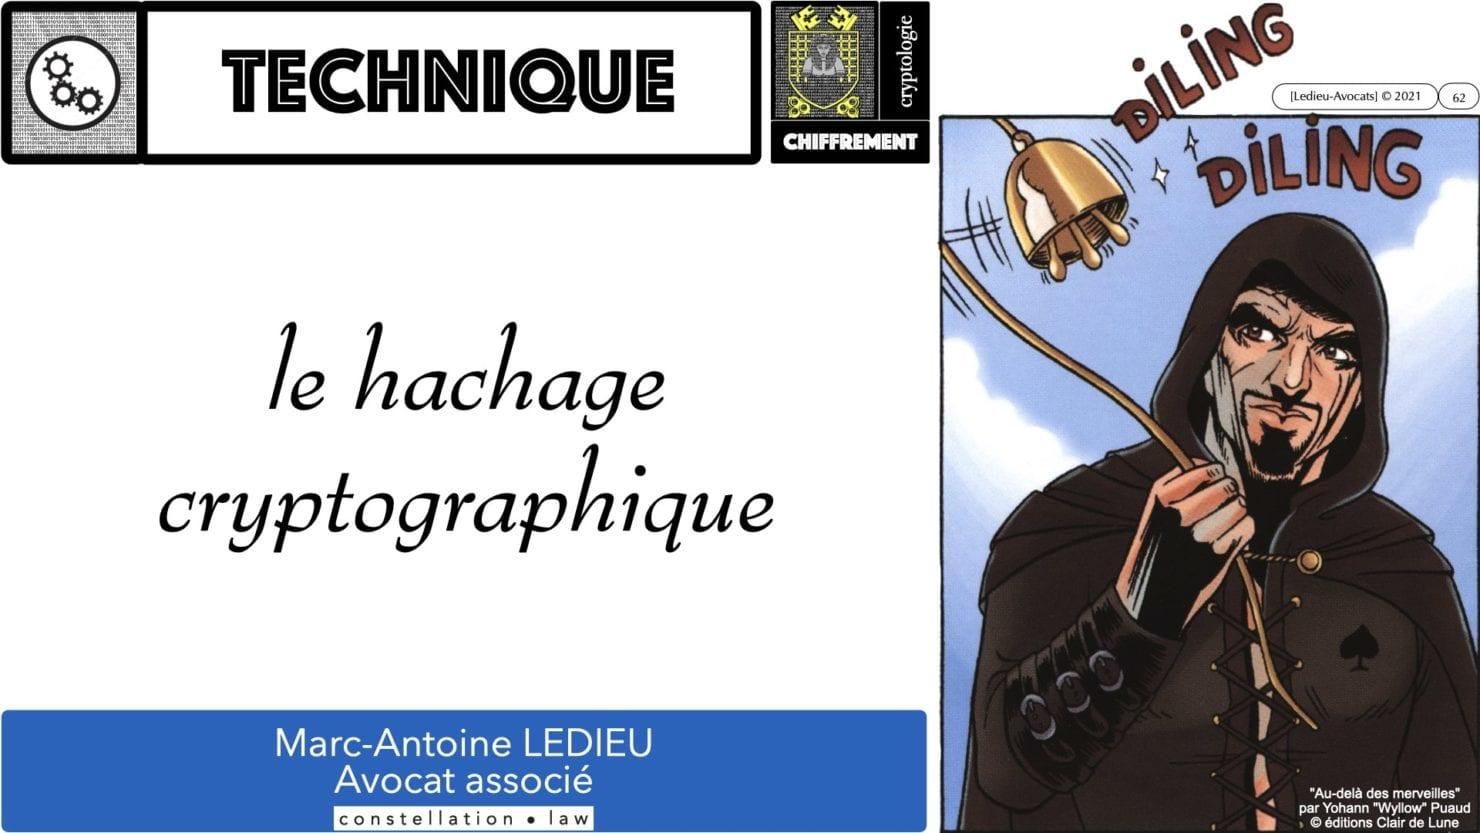 341 chiffrement cryptographie symetrique asymetrique hachage cryptographique TECHNIQUE JURIDIQUE © Ledieu-Avocat 05-07-2021.062